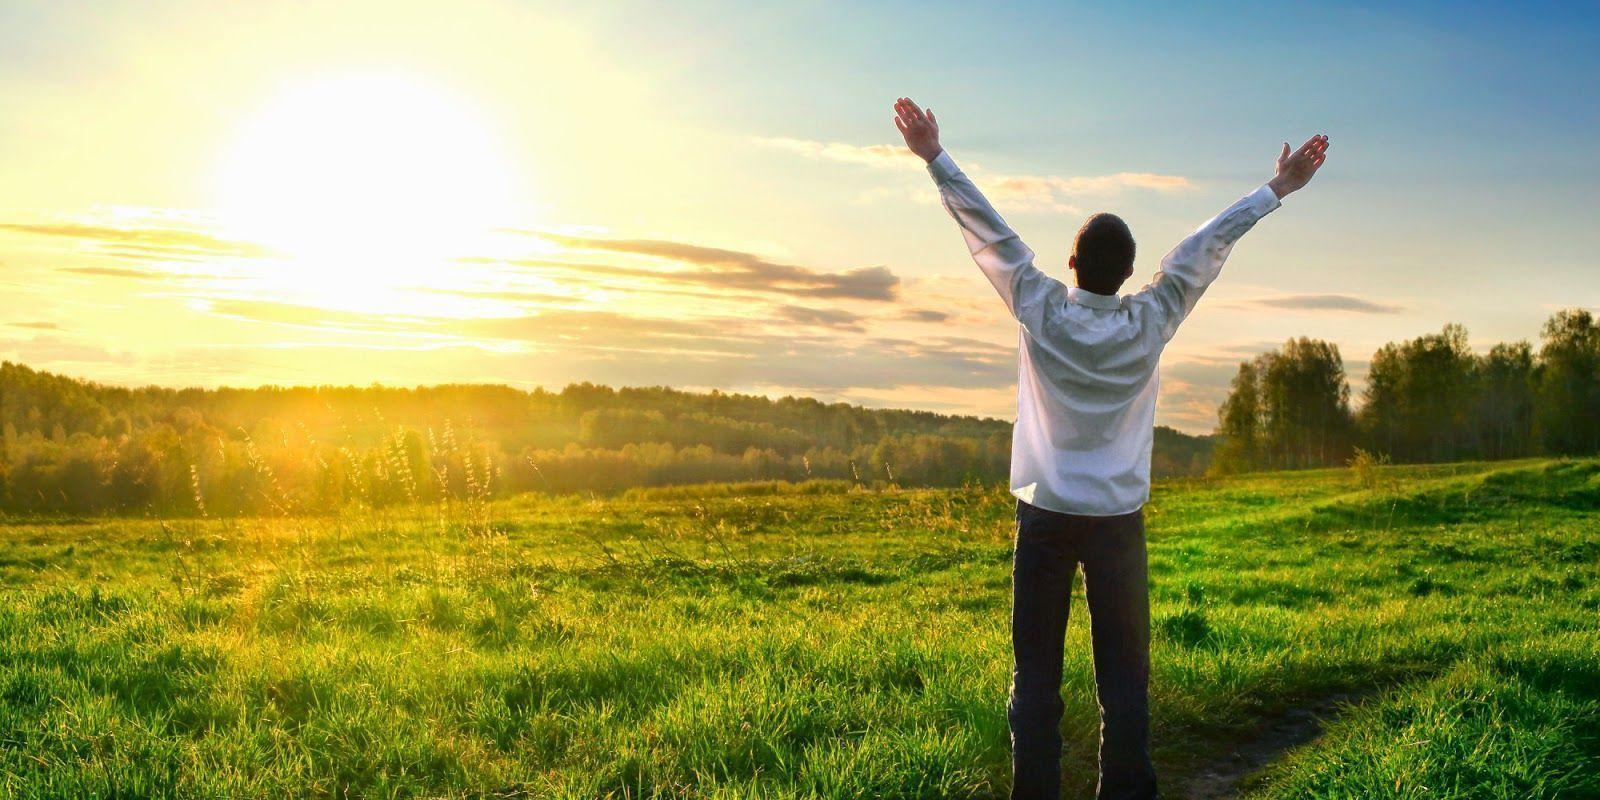 El equilibrio entre nutrición, actividad física y felicidad es la clave para gozar de buena salud, según cuatro expertos.